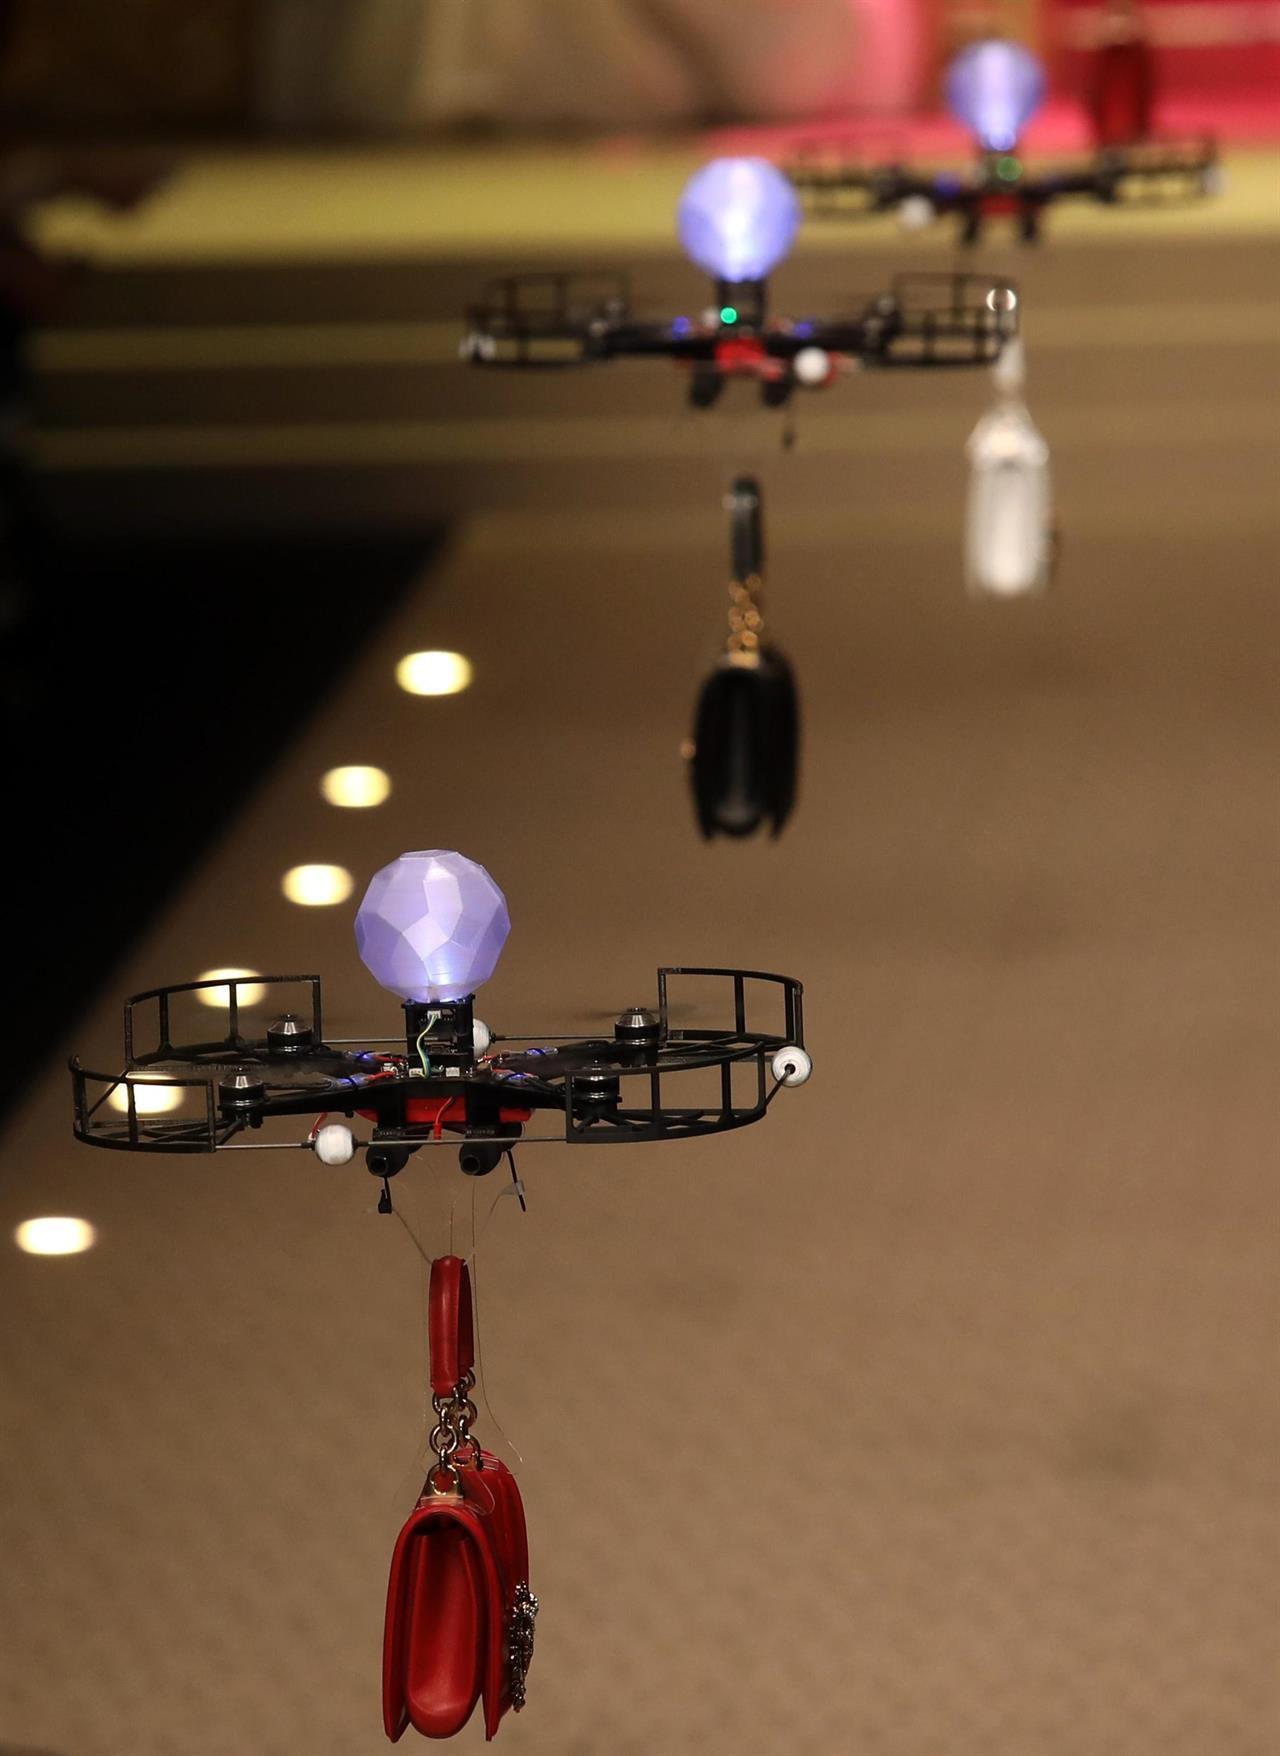 I droni rimpiazzano i modelli alla sfilata di Dolce & Gabbana | Collater.al 4